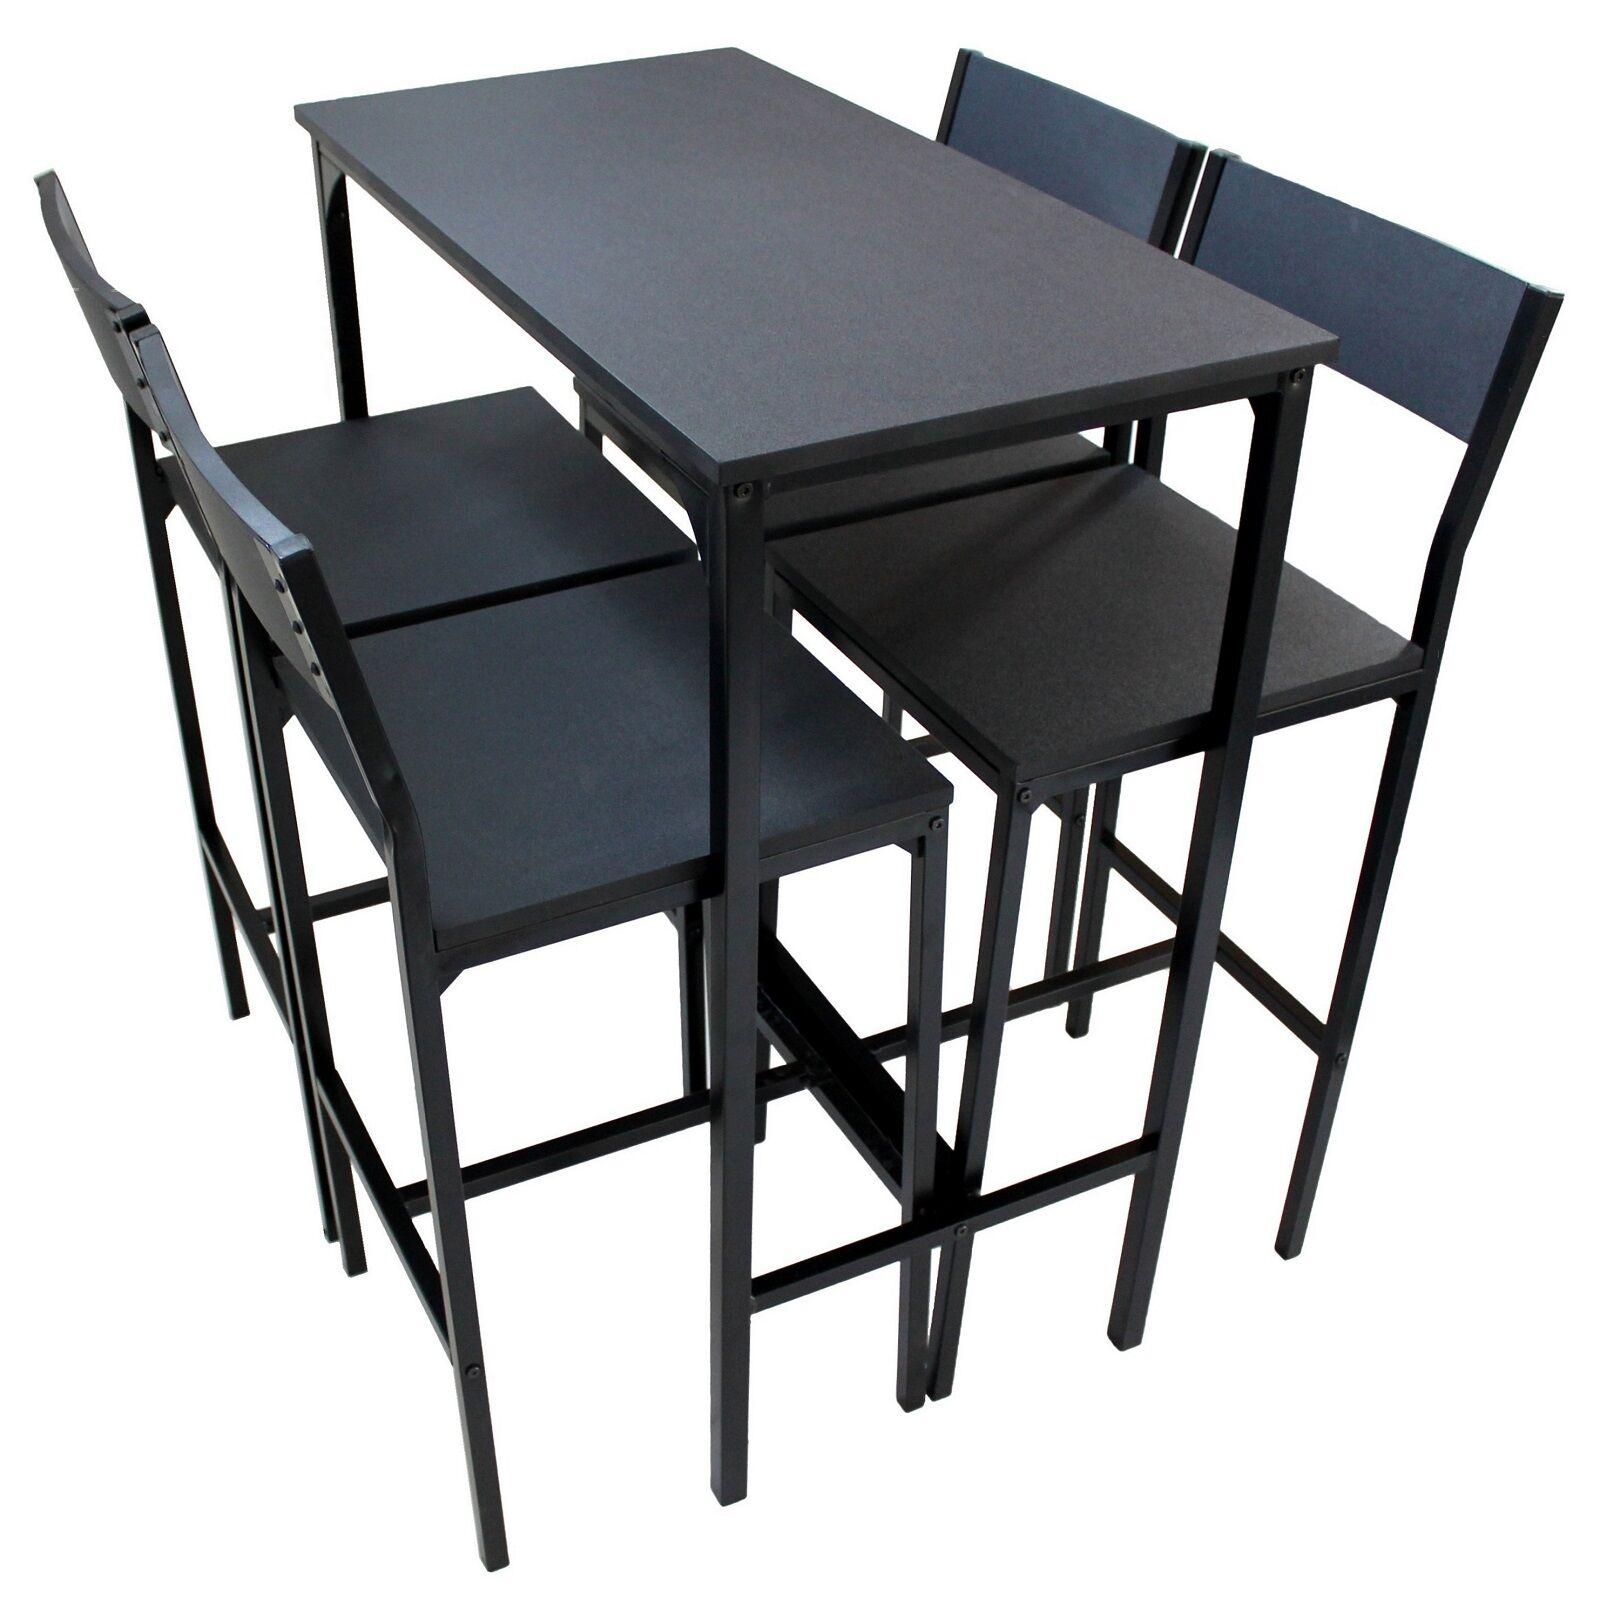 benvenuto per ordinare SET TAVOLO Bar Bar Bar E 4 SGABELLI Mobili Salotto Design NERO Moderno Mod. LIGNANO  lo stile classico